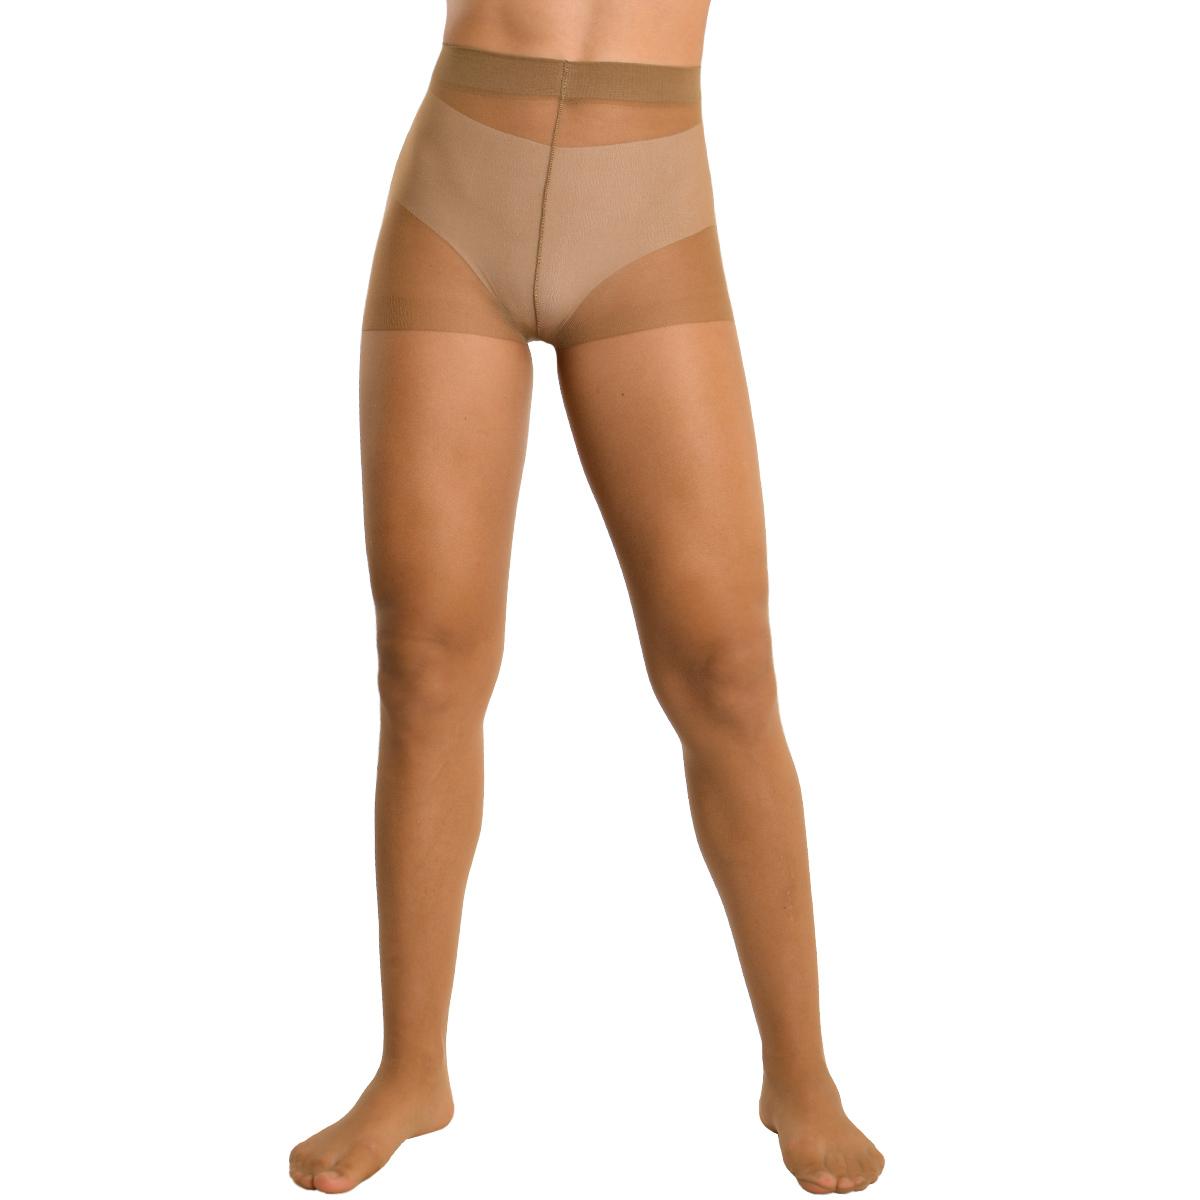 Meia calça feminina finíssima selene